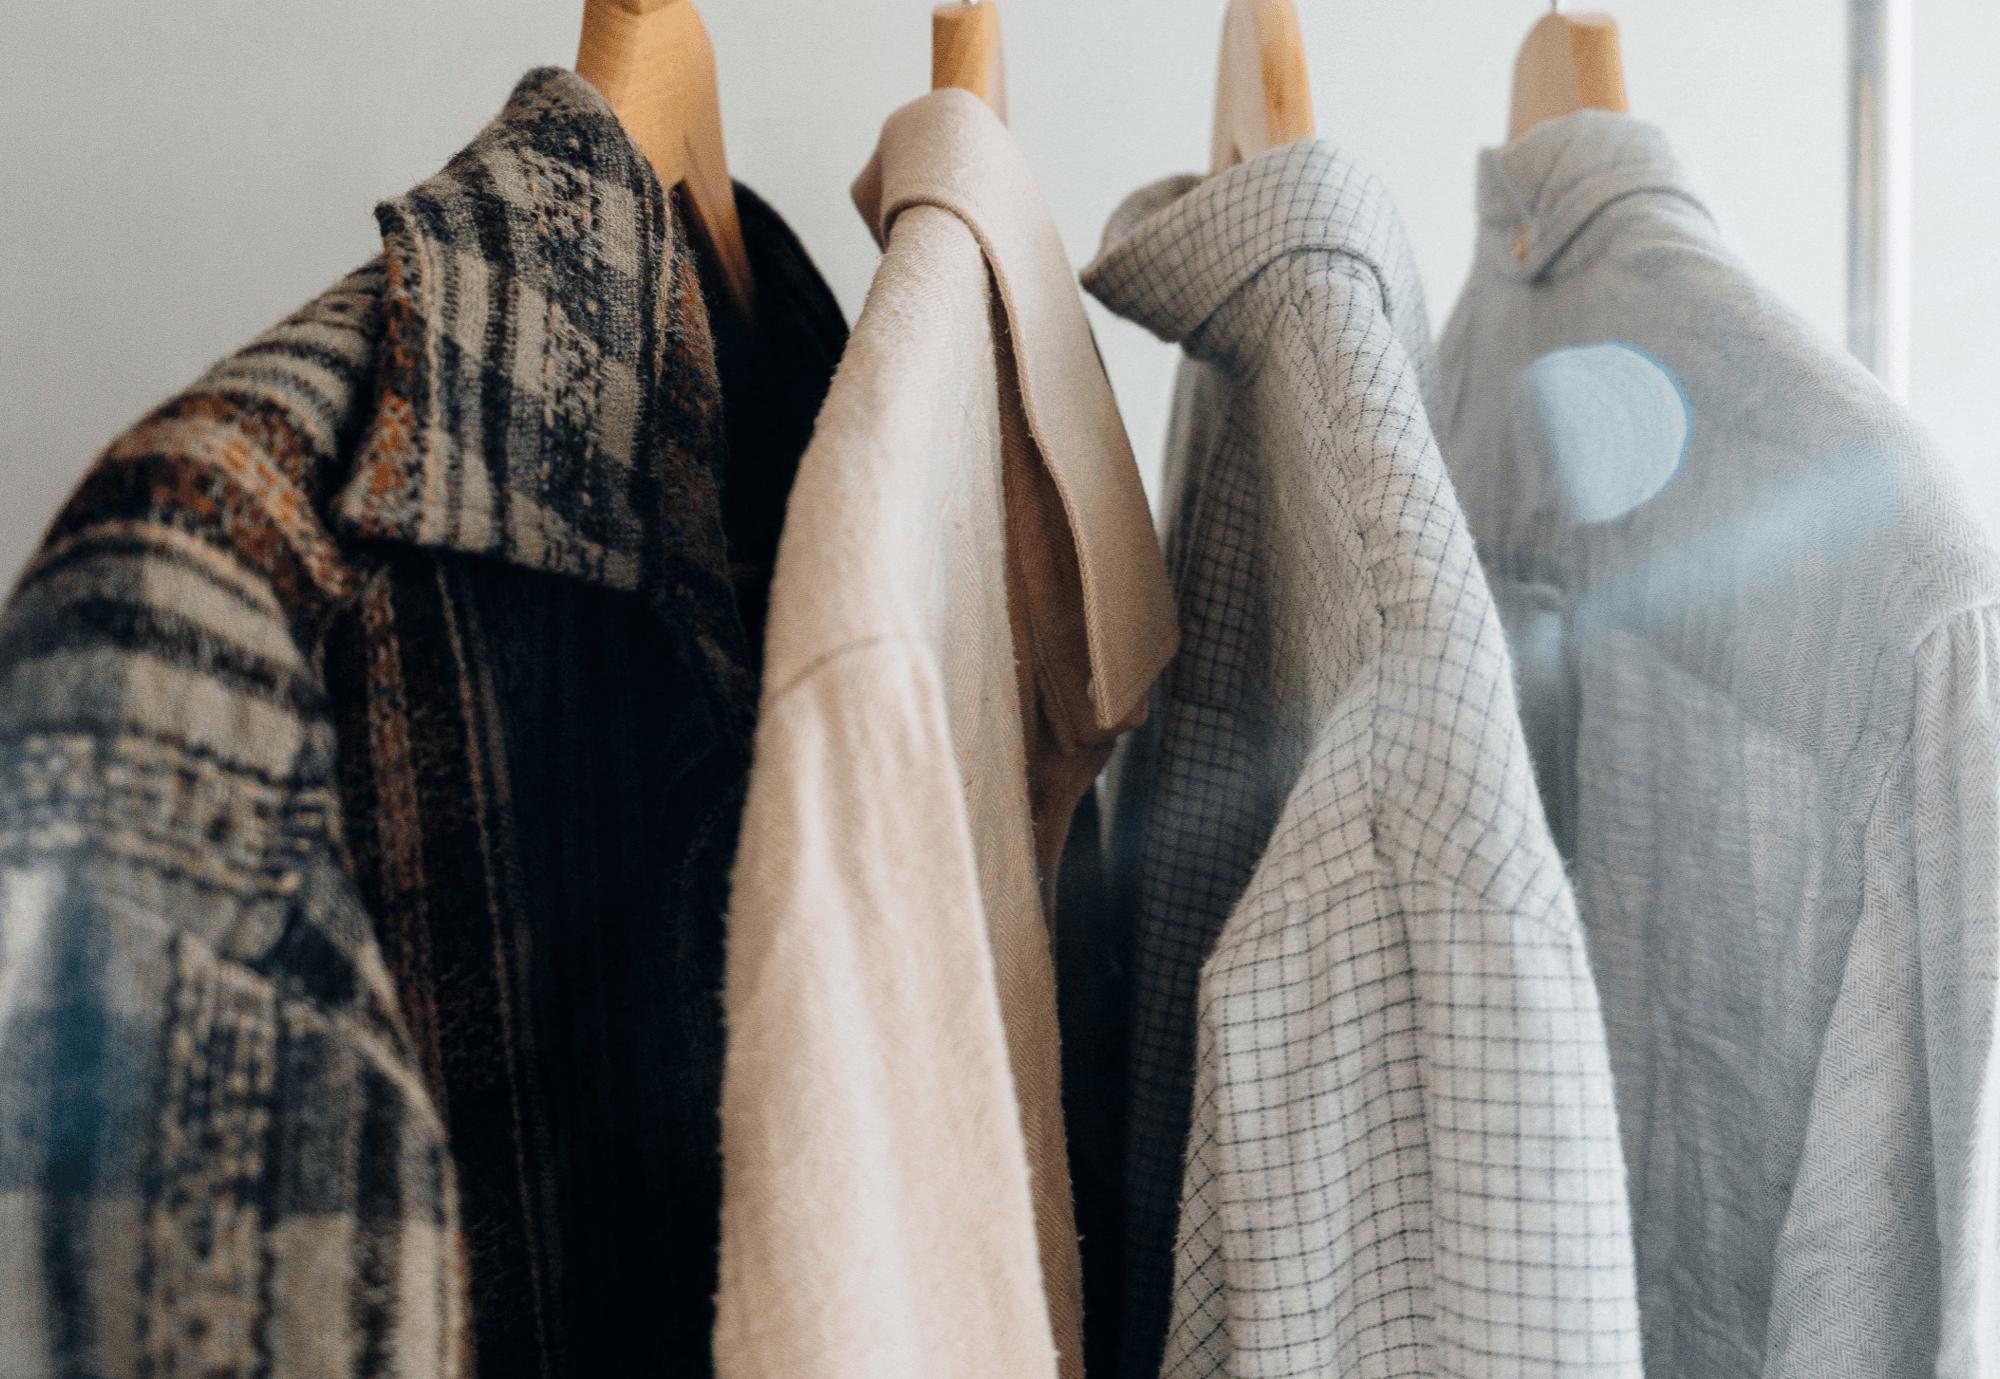 Garderobe mit Hemden